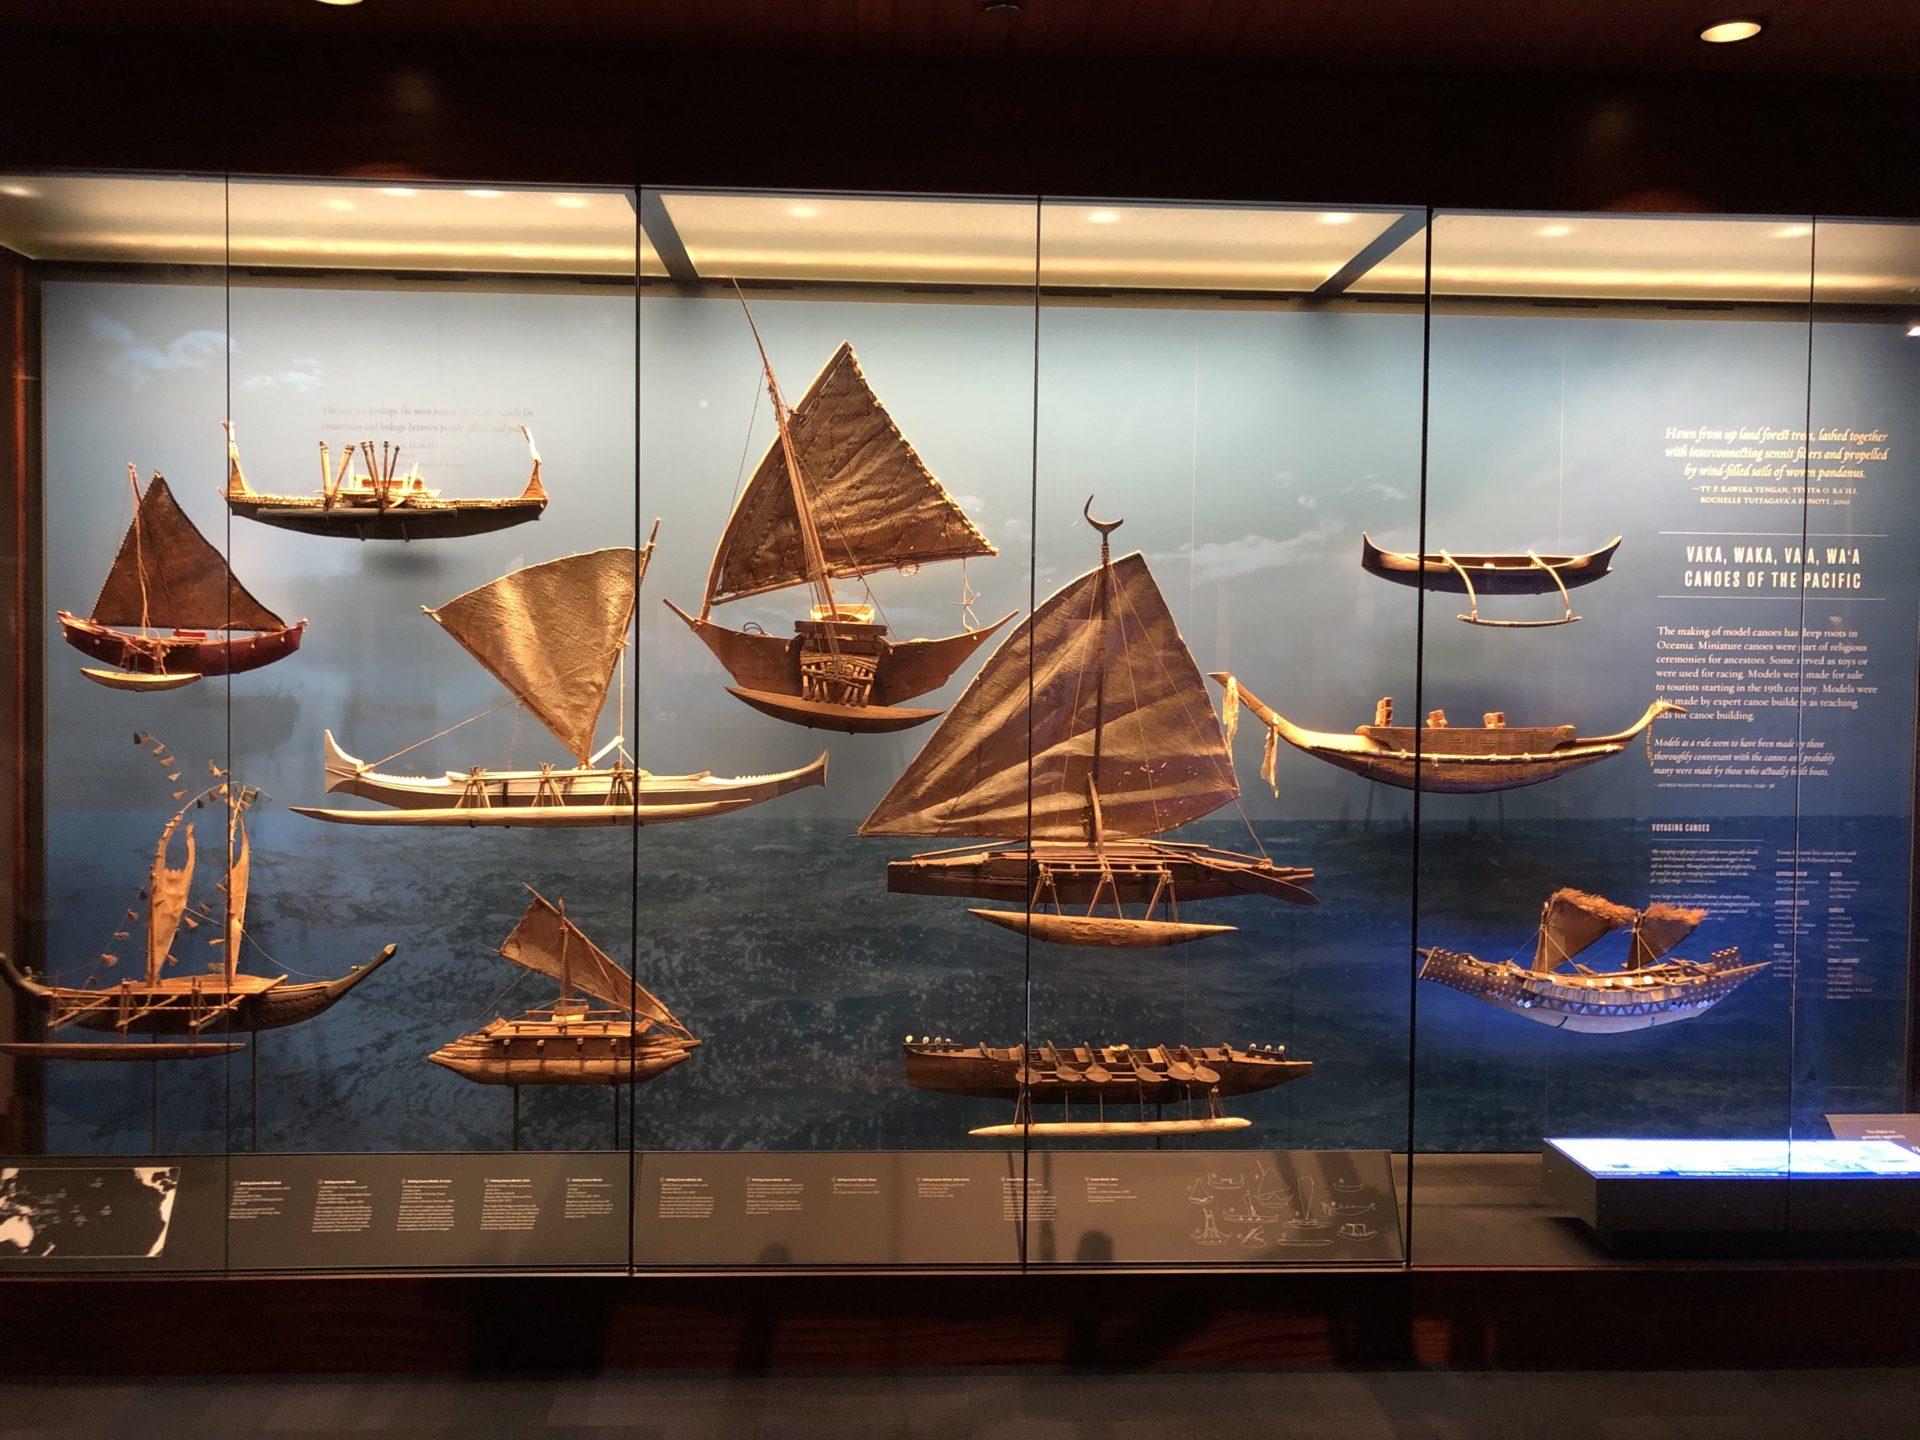 【博物之島專文】夏威夷比夏博物館:太平洋文化十字路口的南島連結